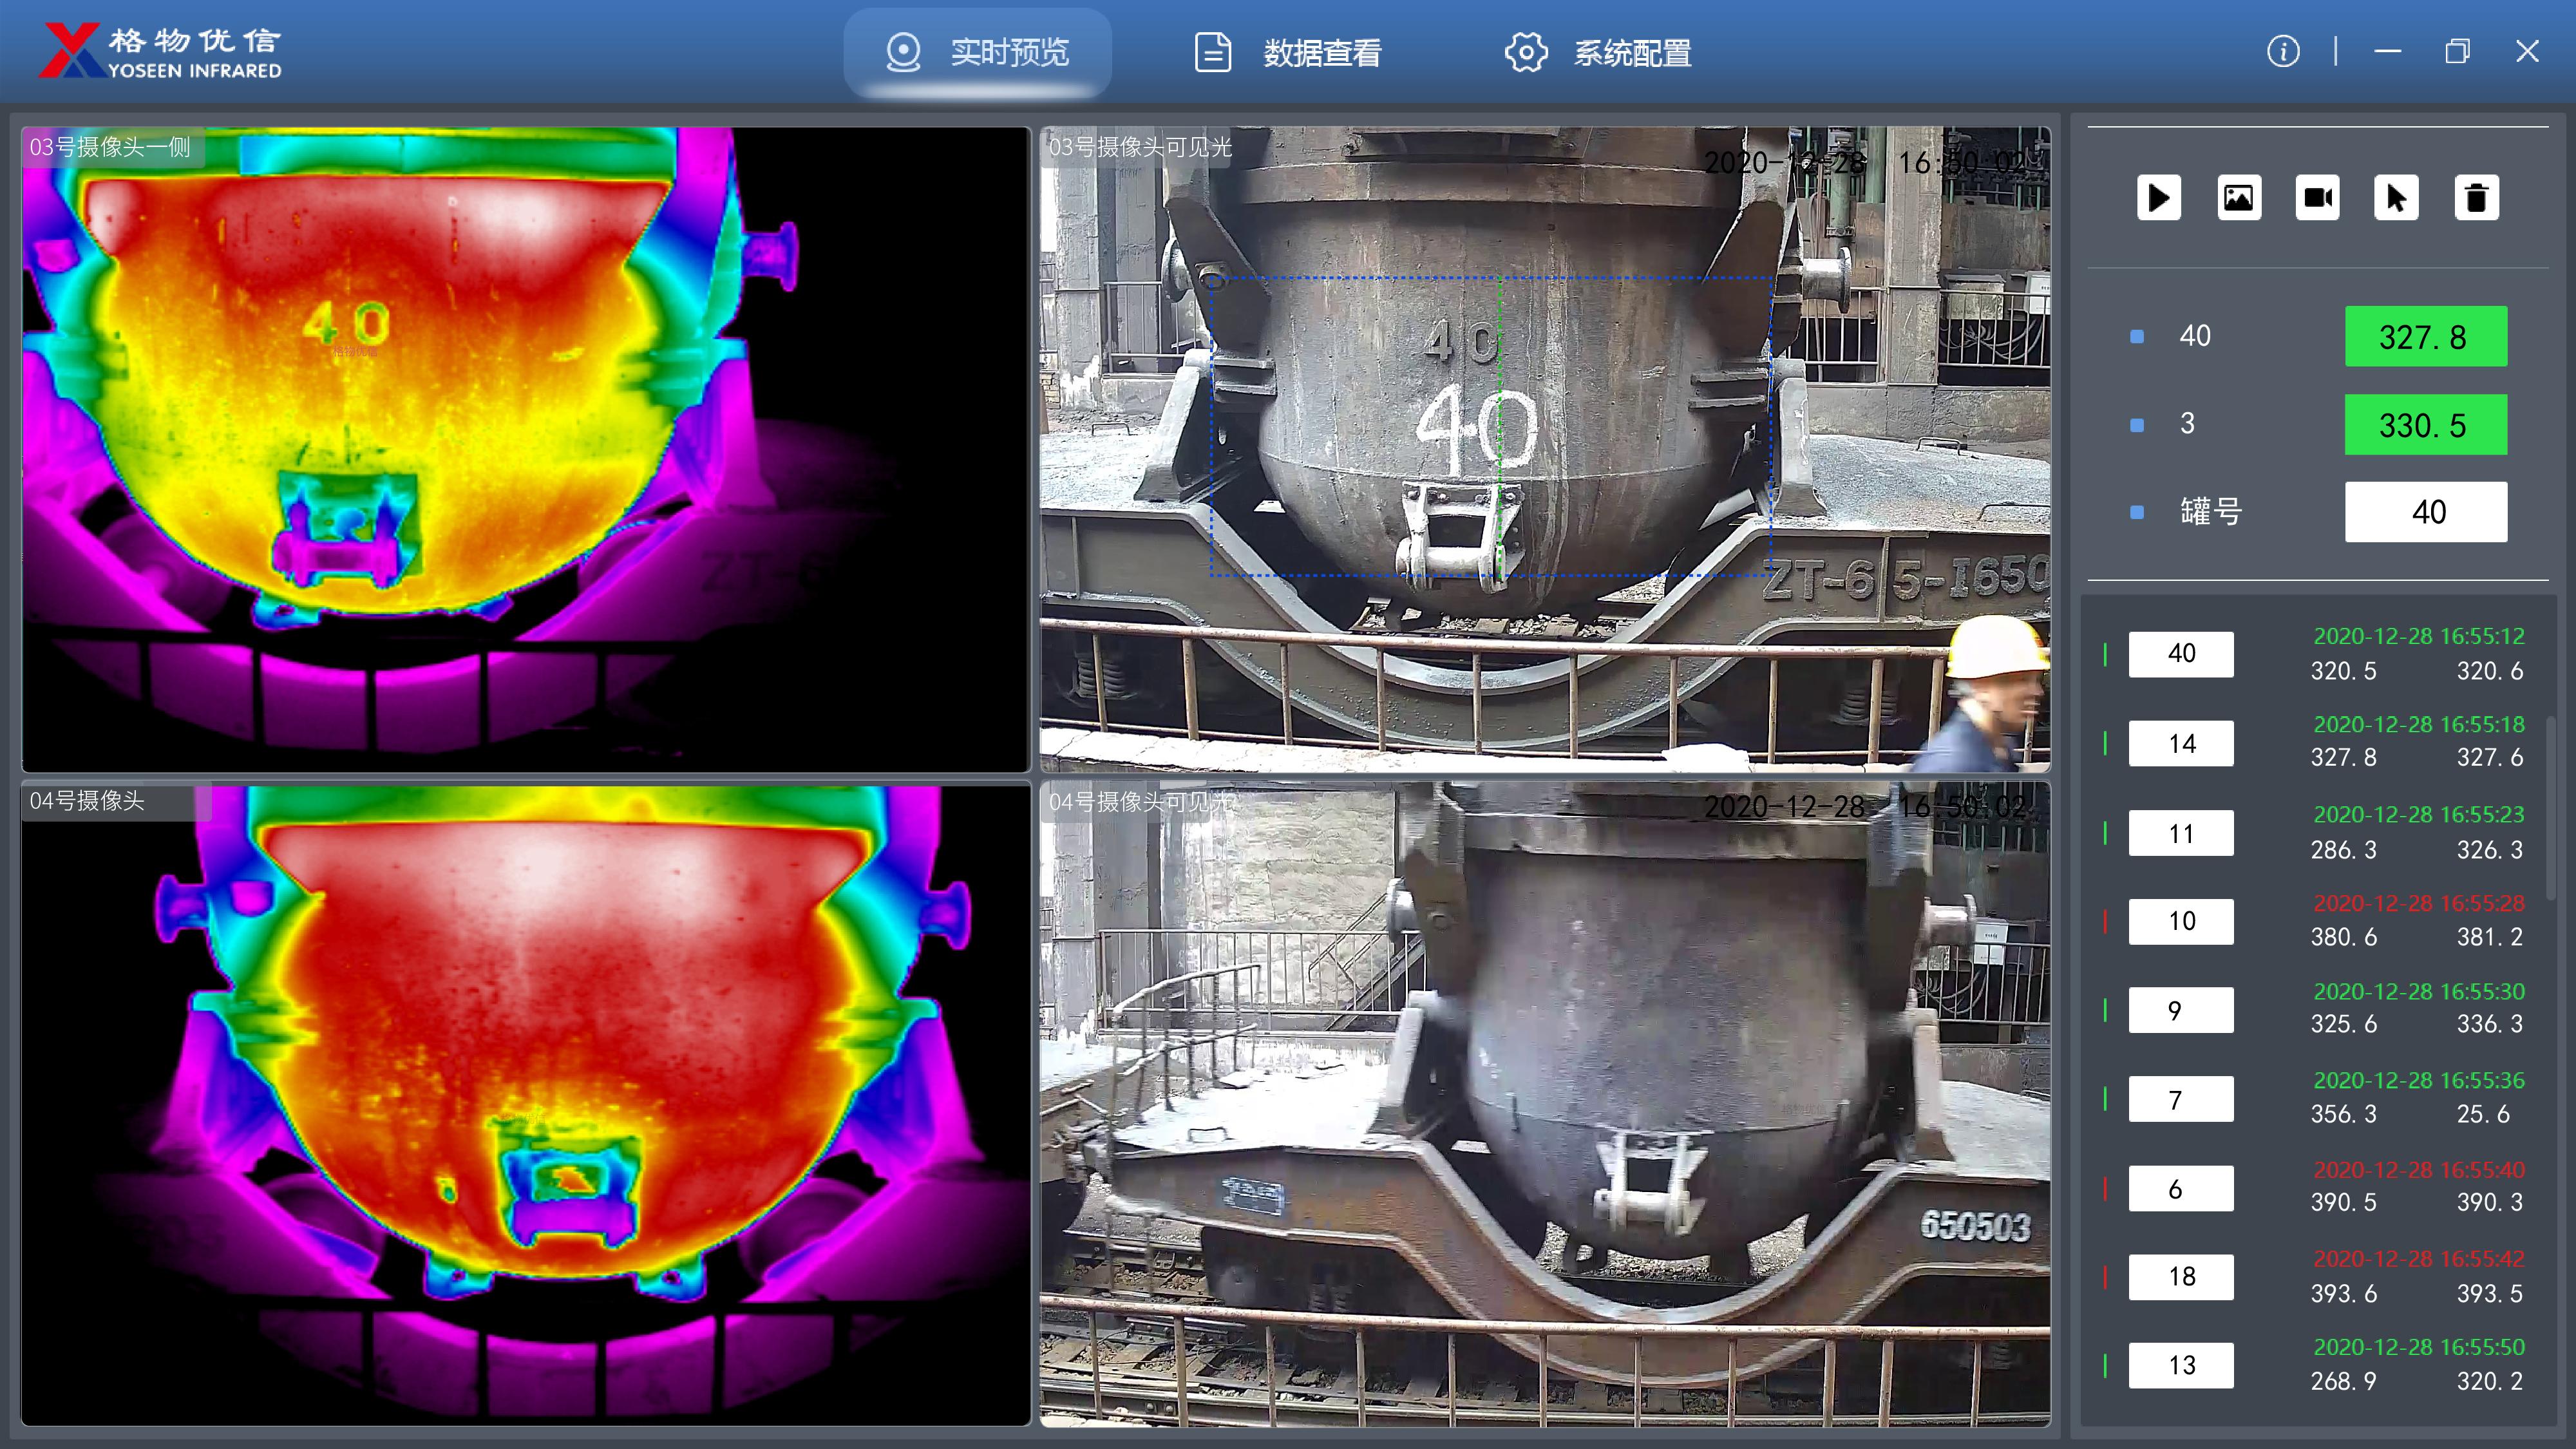 高温液态金属转运监测系统